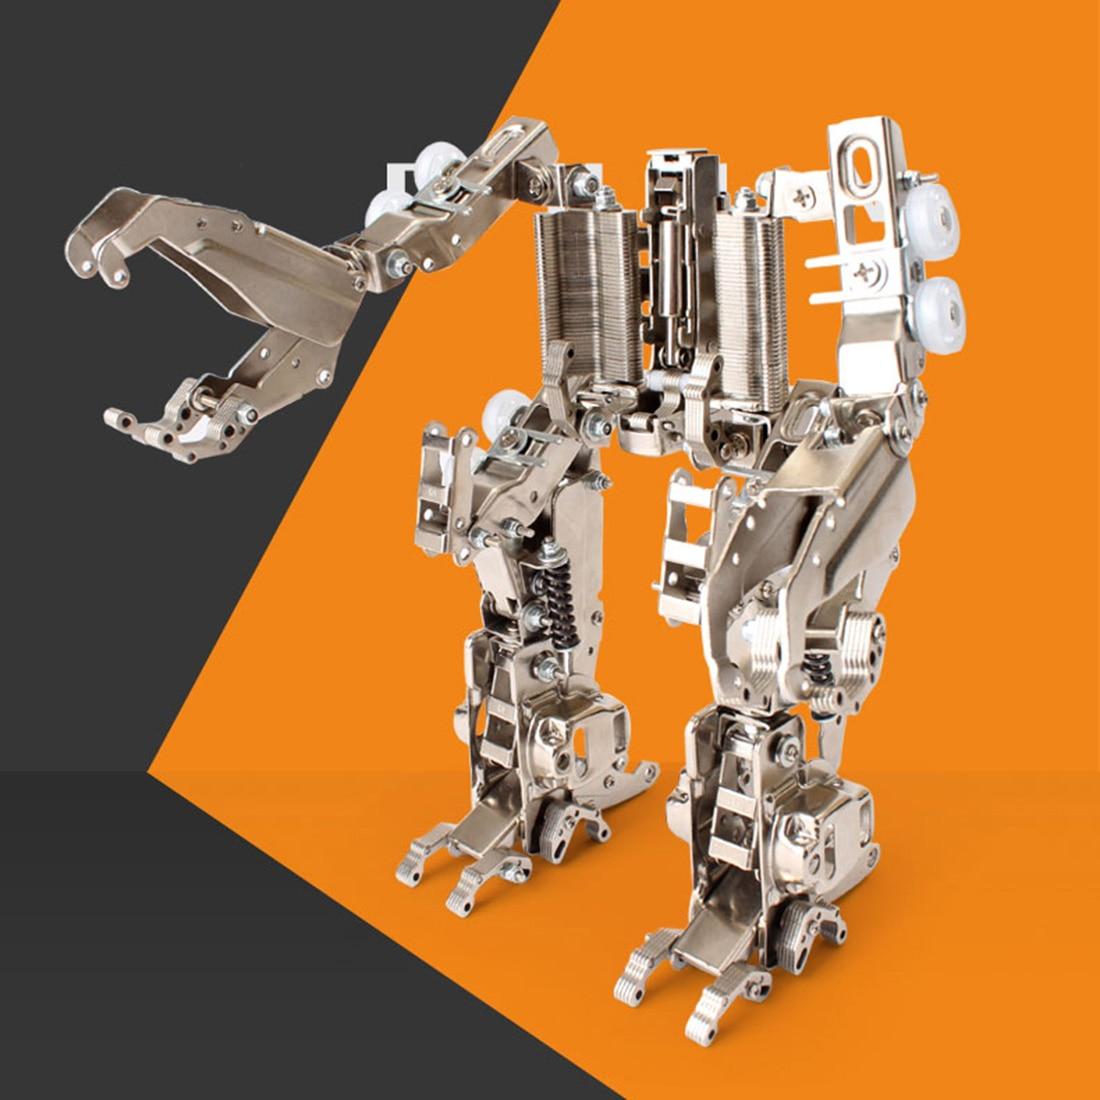 19 cm hauteur grande attaque Mecha Figure modèle Kits métal bricolage assemblage chariot élévateur Robot jouet téléphone Mobile support cadeau pour hommes 2019